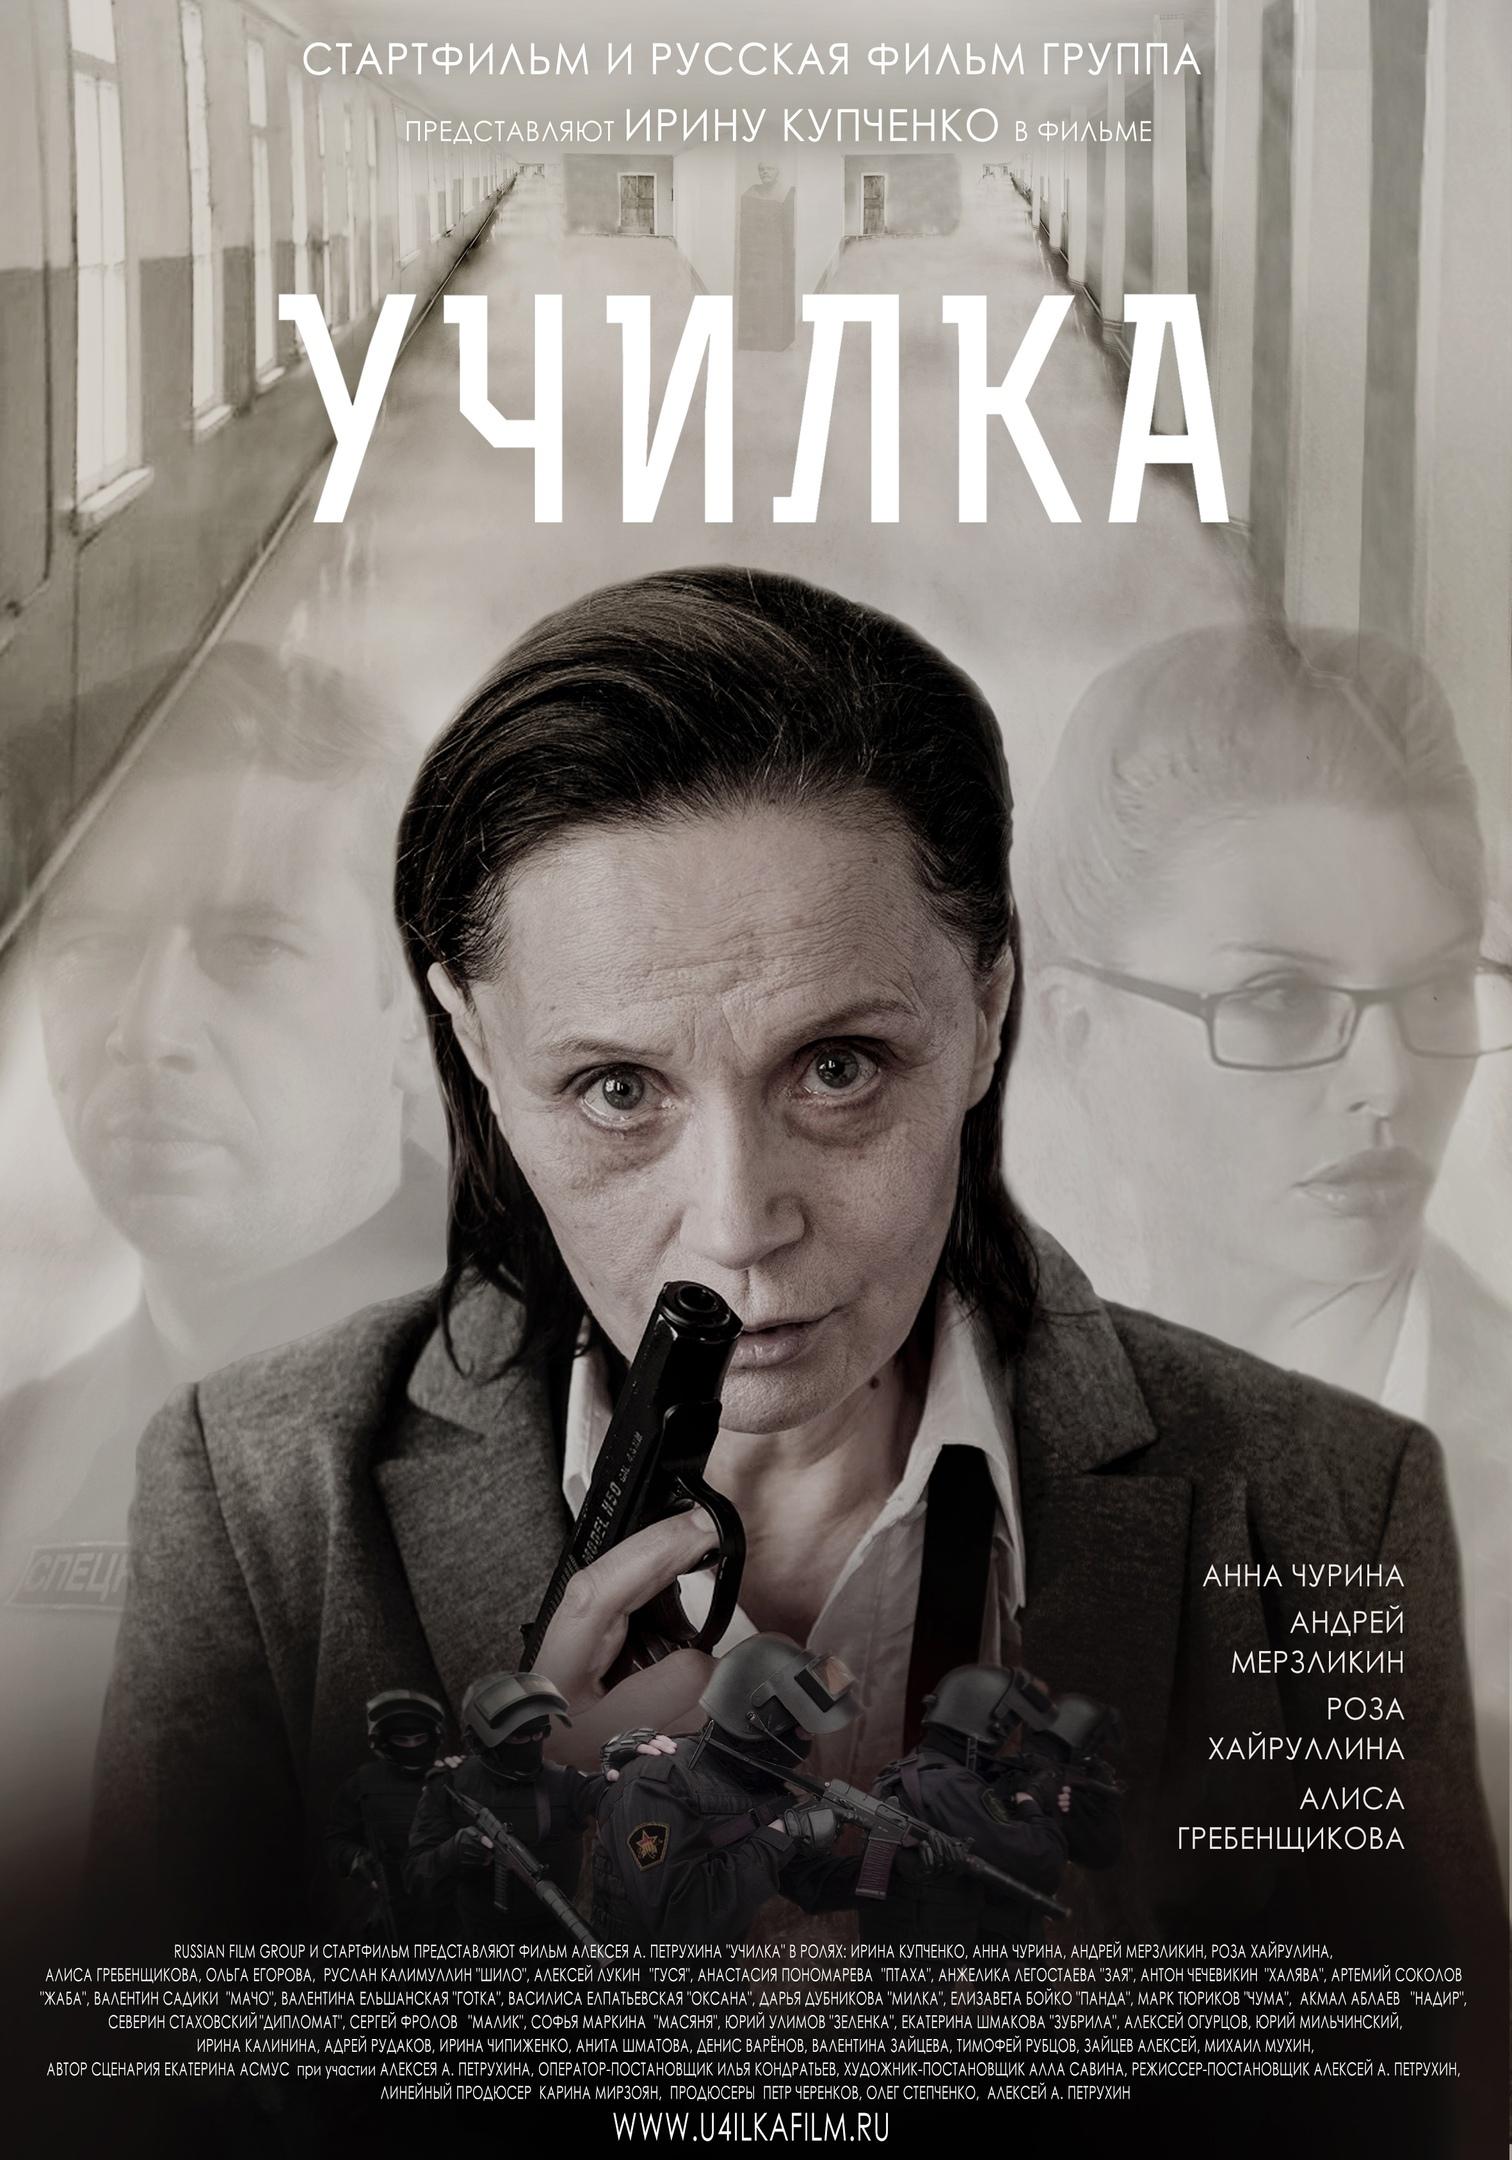 Драма «Училка / Училκа 2.